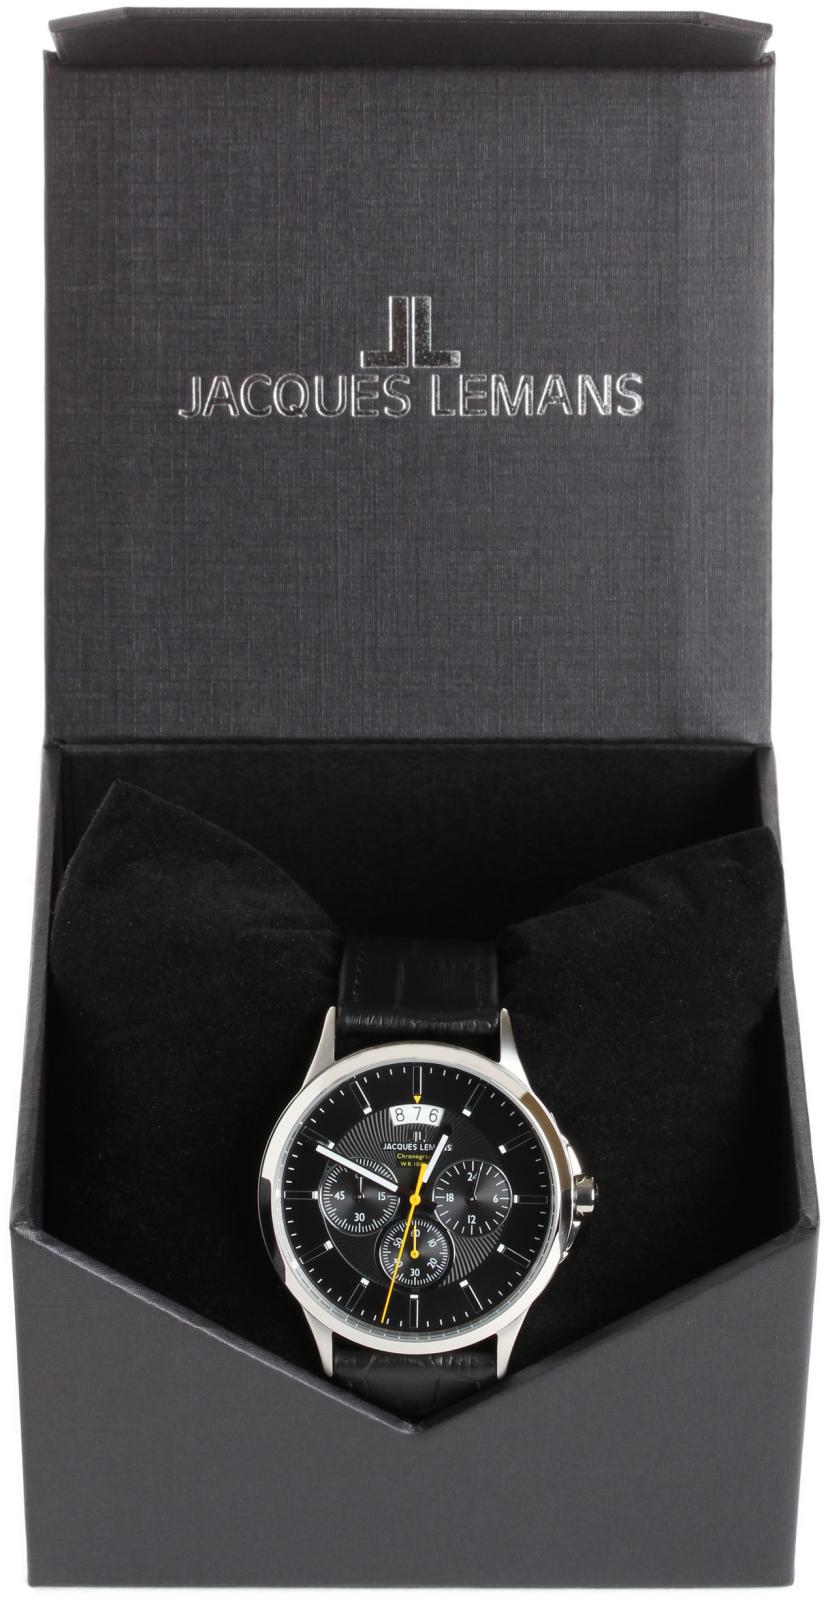 Jacques Lemans Sydney 1-1542AНаручные часы<br>Австрийские часы Jacques Lemans Sydney 1-1542A<br><br>Пол: Мужские<br>Страна-производитель: Австрия<br>Механизм: Кварцевый<br>Материал корпуса: Сталь<br>Материал ремня/браслета: Кожа<br>Водозащита, диапазон: None<br>Стекло: Минеральное<br>Толщина корпуса: None<br>Стиль: None